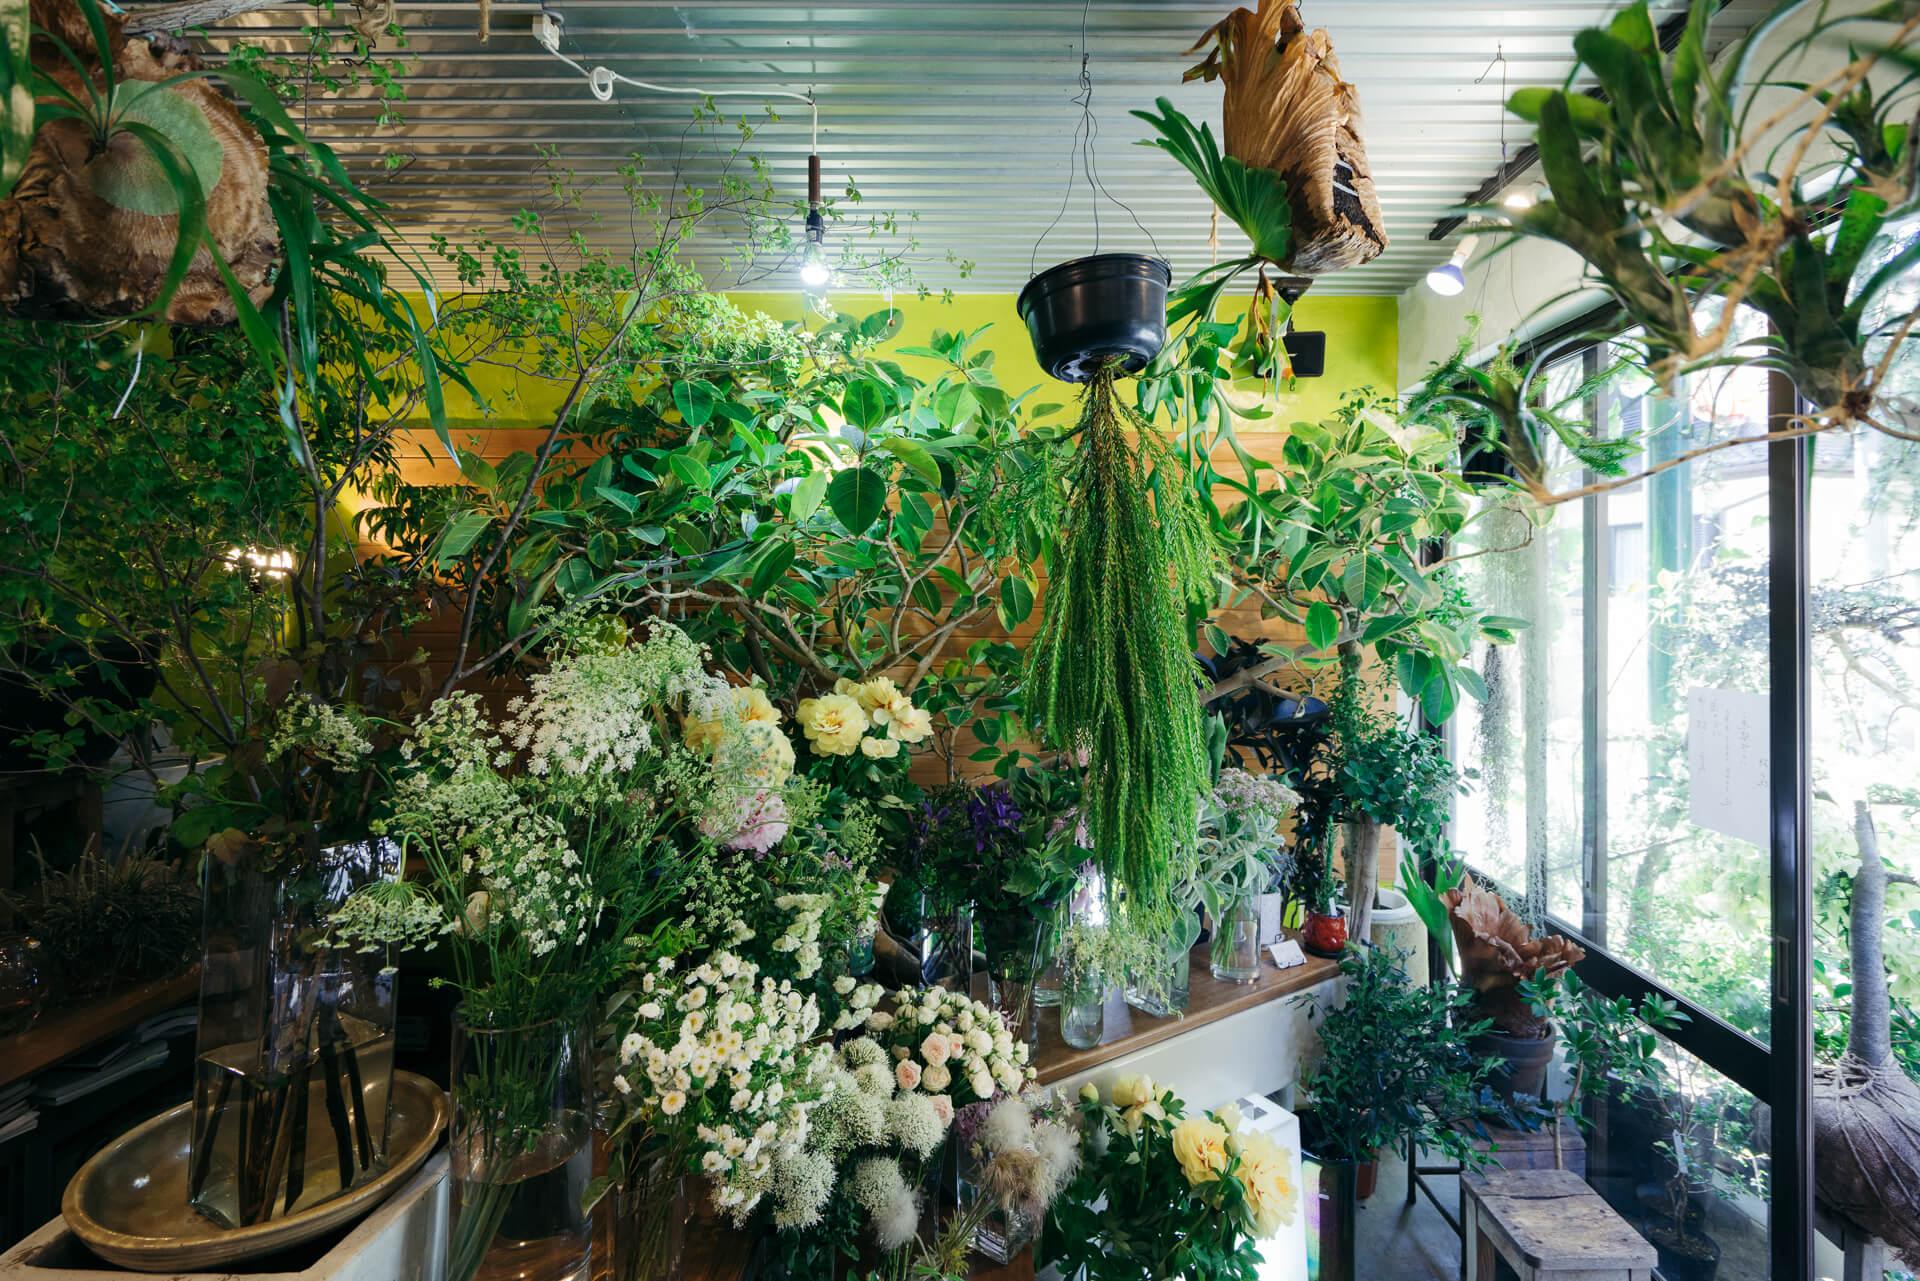 一番人気は西荻窪。個性的なこだわりのお店が多いことが、暮らし好きスタッフのハートを掴んで離さない様子。(暮らしに寄り添う植物を探して『枝屋(東京・西荻窪)』)